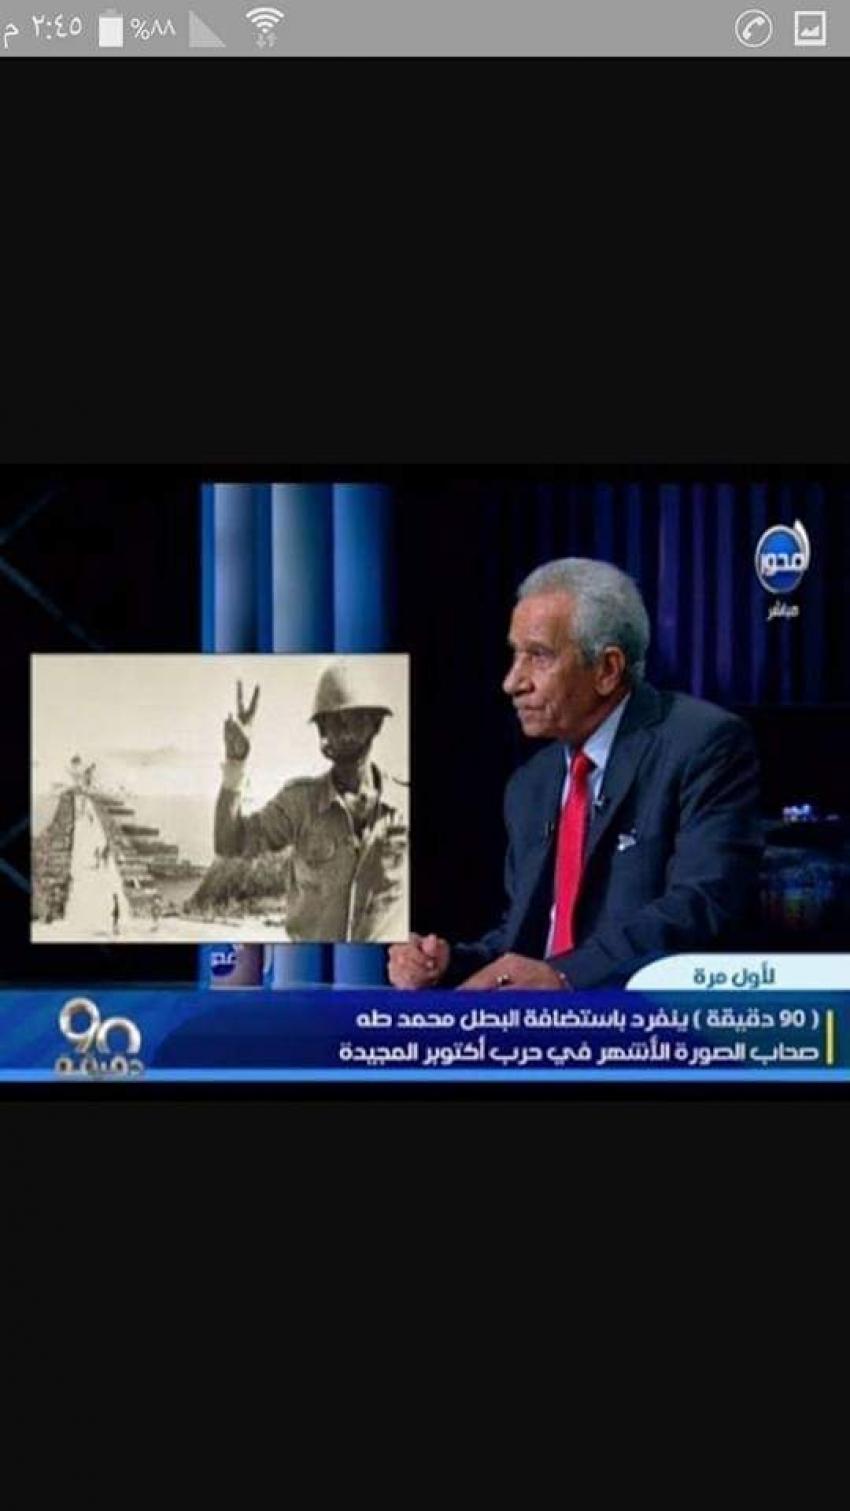 صاحب علامة النصر في حرب أكتوبر يكتب عن حصار الفرقة ١٩